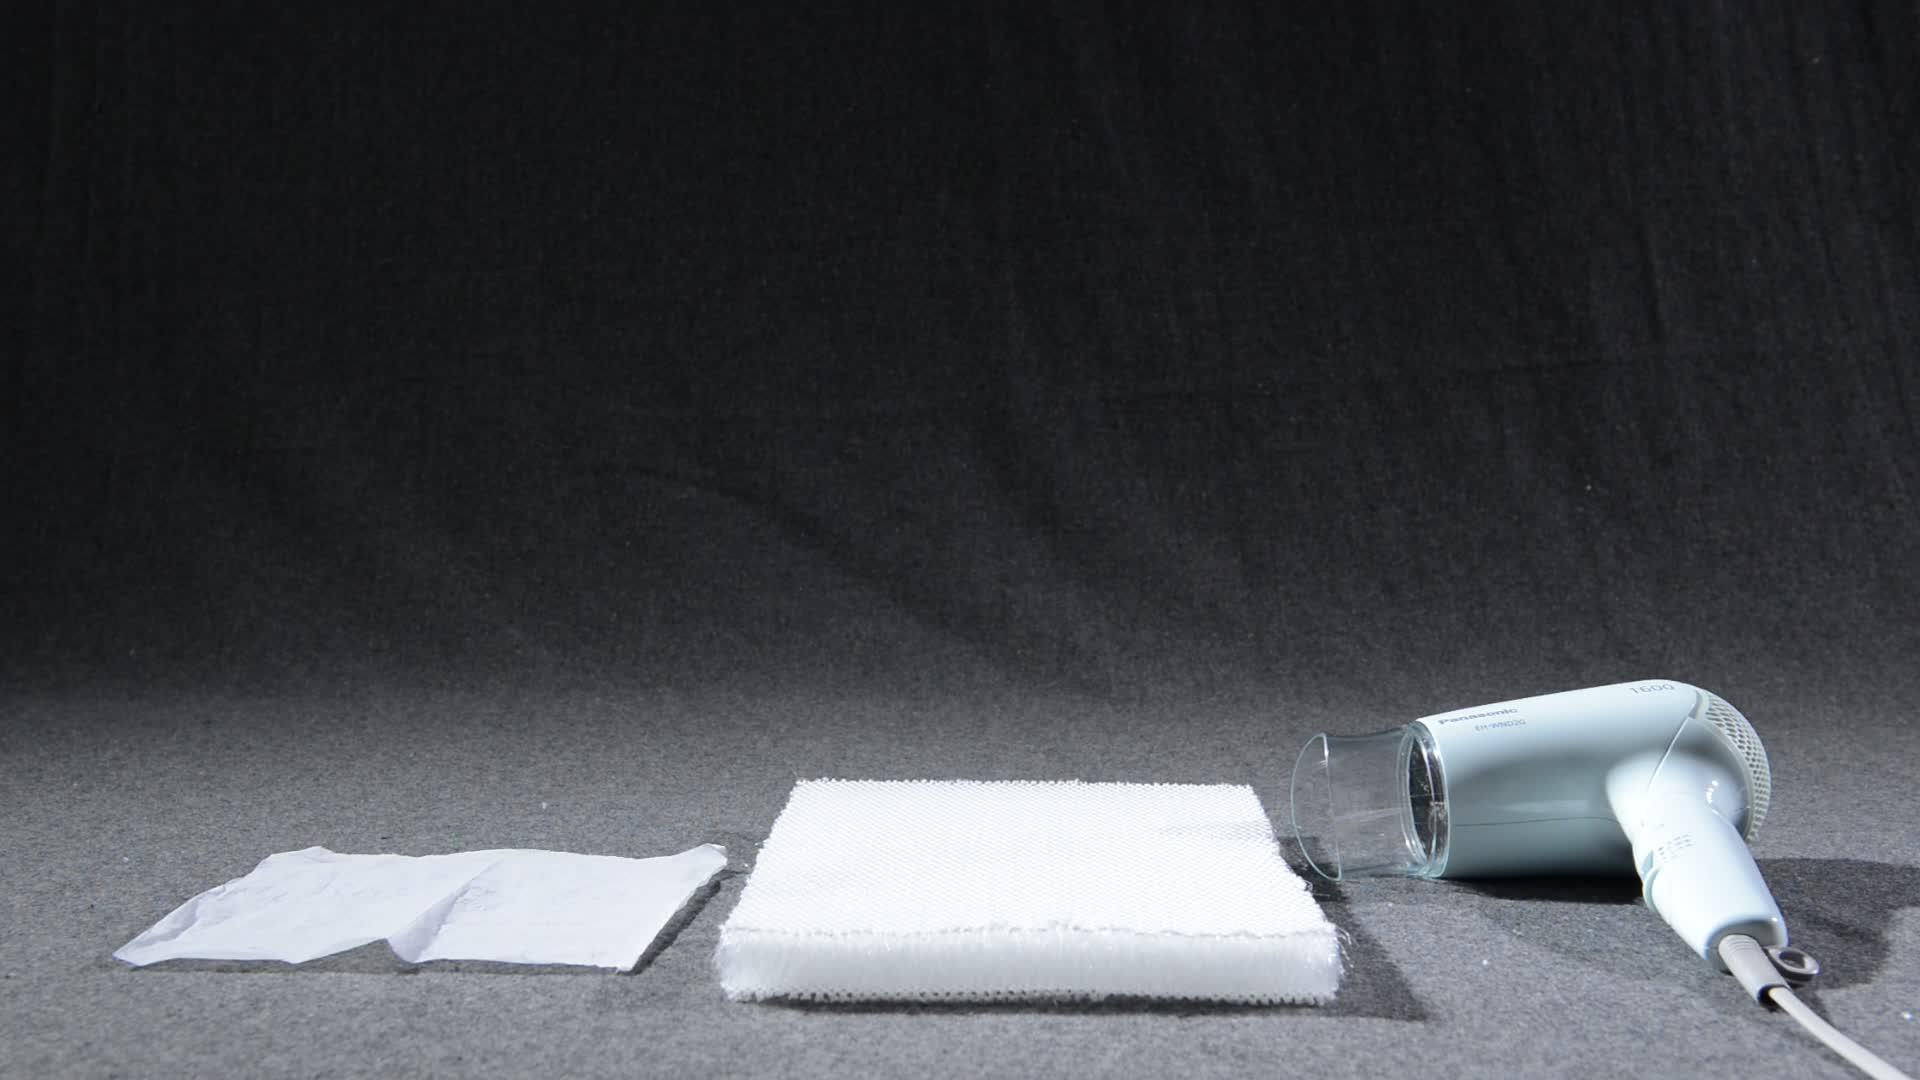 Sgs 証明四季不規則な形状 3D エアメッシュのための新生児ヘッド保護整形枕